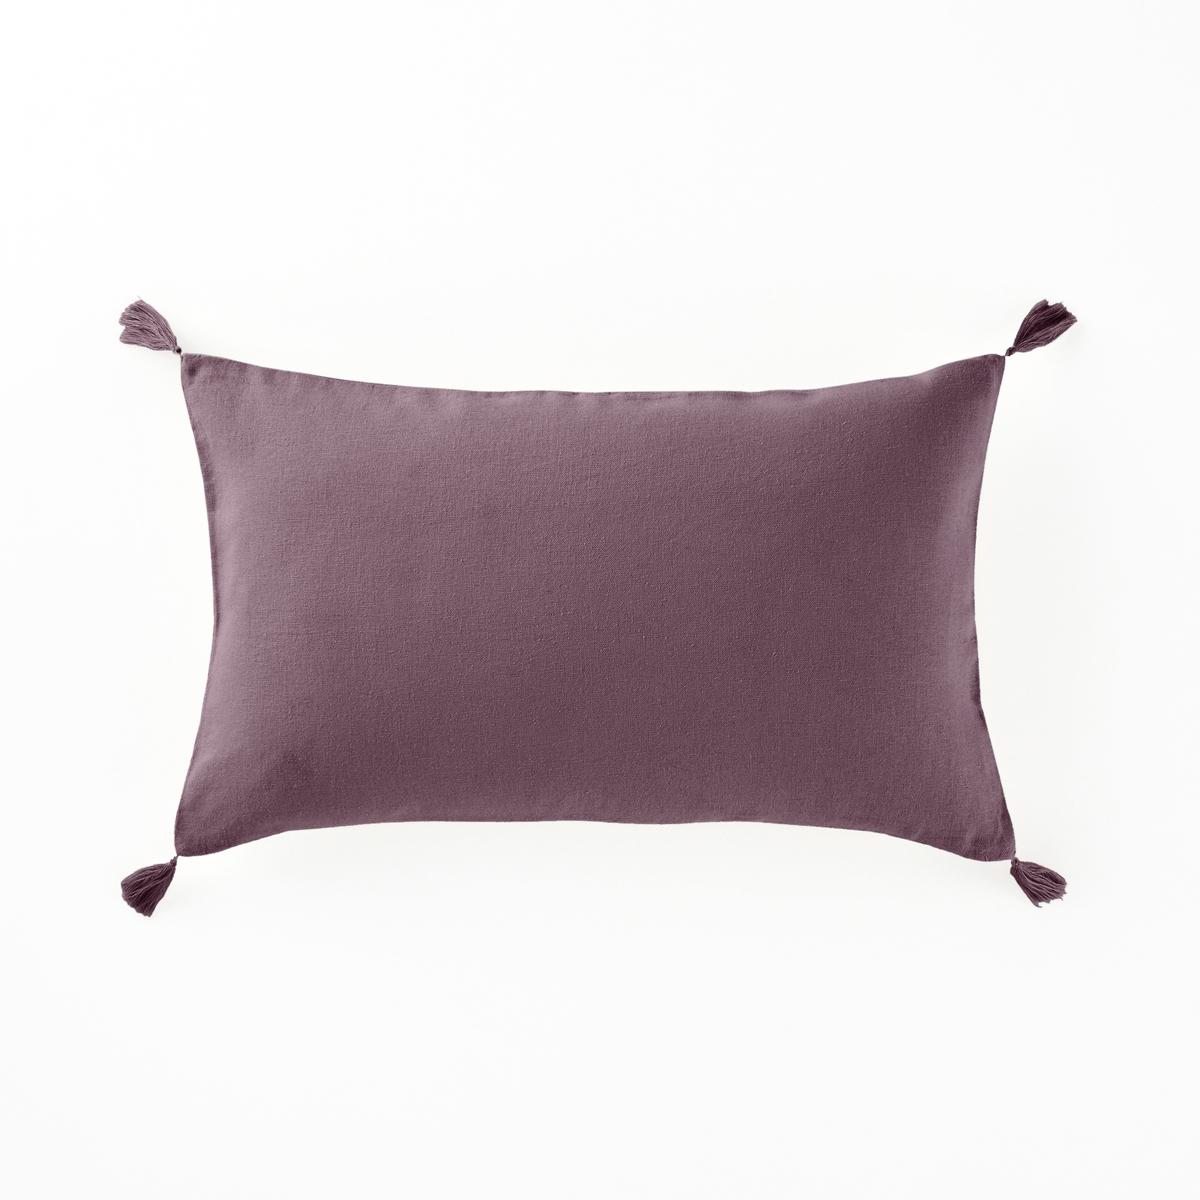 Наволочка на подушку-валик из льна и вискозы, OdorieНаволочка на подушку-валик с кисточками из льна и вискозы,  Odorie, La Redoute Int?rieurs.Наволочка на подушку-валик для ежедневного использования: красивое сочетание льна и вискозы, отделка кисточками.Характеристики чехла для подушки :Материал : 55% льна, 45% вискозыЗастежка на скрытую молнию. Уход : Машинная стирка при 40 °С. Отделка кисточками по 4 углам.Размеры наволочки на подушку-валик :50 x 30 см.    Уход :Следуйте рекомендациям по уходу, указанным на этикетке изделия.  Знак Oeko-Tex® гарантирует, что товары прошли проверку и были изготовлены без применения вредных для здоровья человека веществ.<br><br>Цвет: бежевый,белый,бледно-зеленый,гранатовый,розовая пудра,светло-серый,серо-коричневый каштан,сине-зеленый,синий индиго,ярко-фиолетовый<br>Размер: 50 x 30 см.50 x 30 см.50 x 30 см.50 x 30 см.50 x 30 см